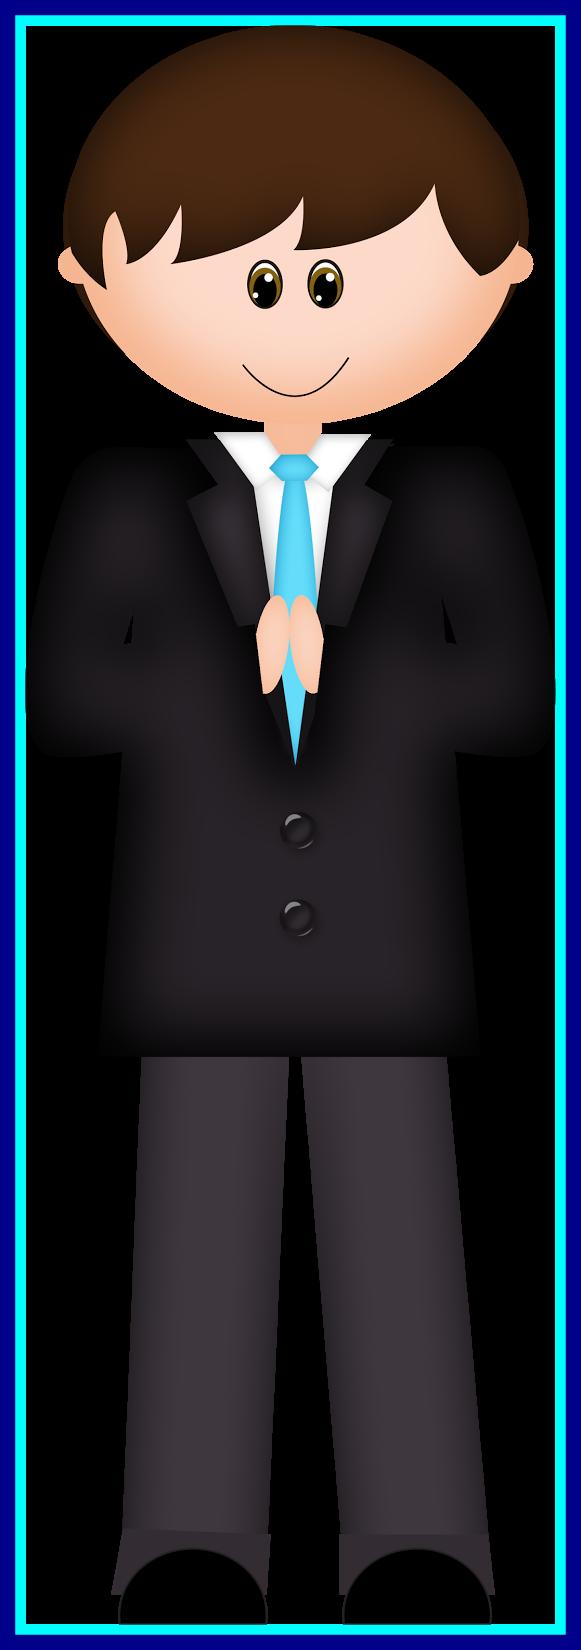 Lady clipart salwar suit. Inspiring best women u